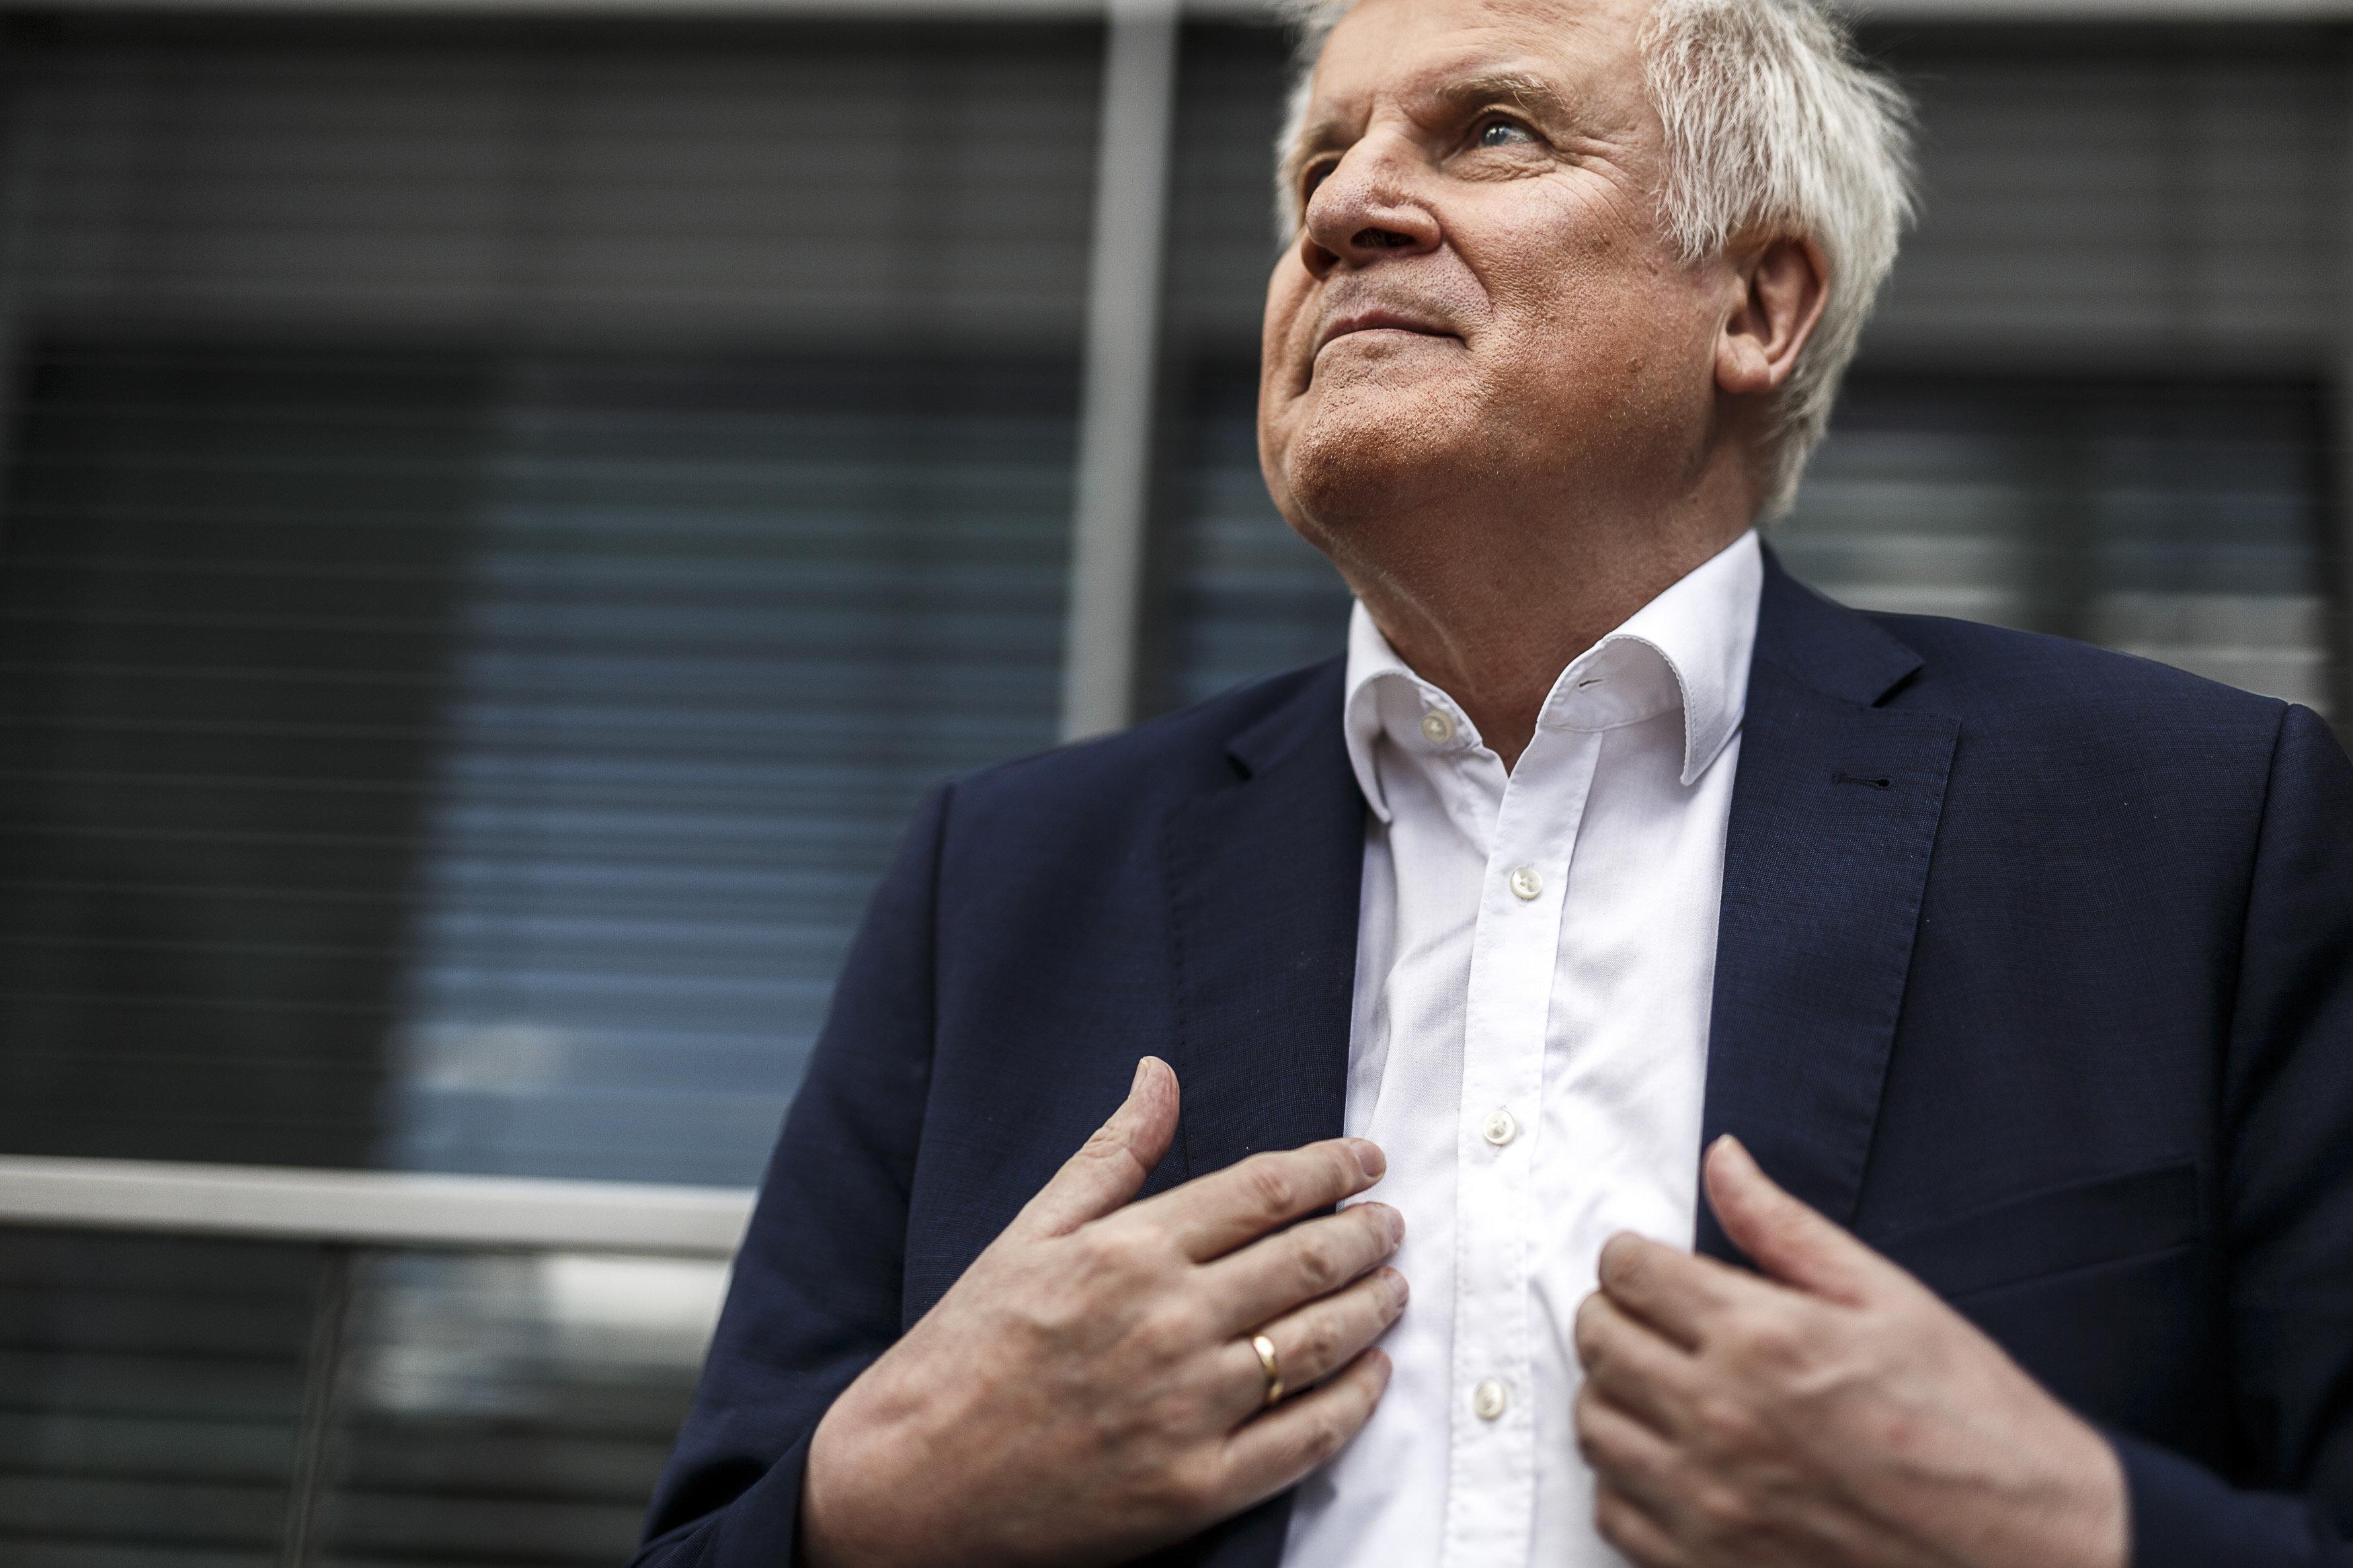 Laut Innenministerium: Seehofer trifft Migrationsvereinbarung mit Spanien